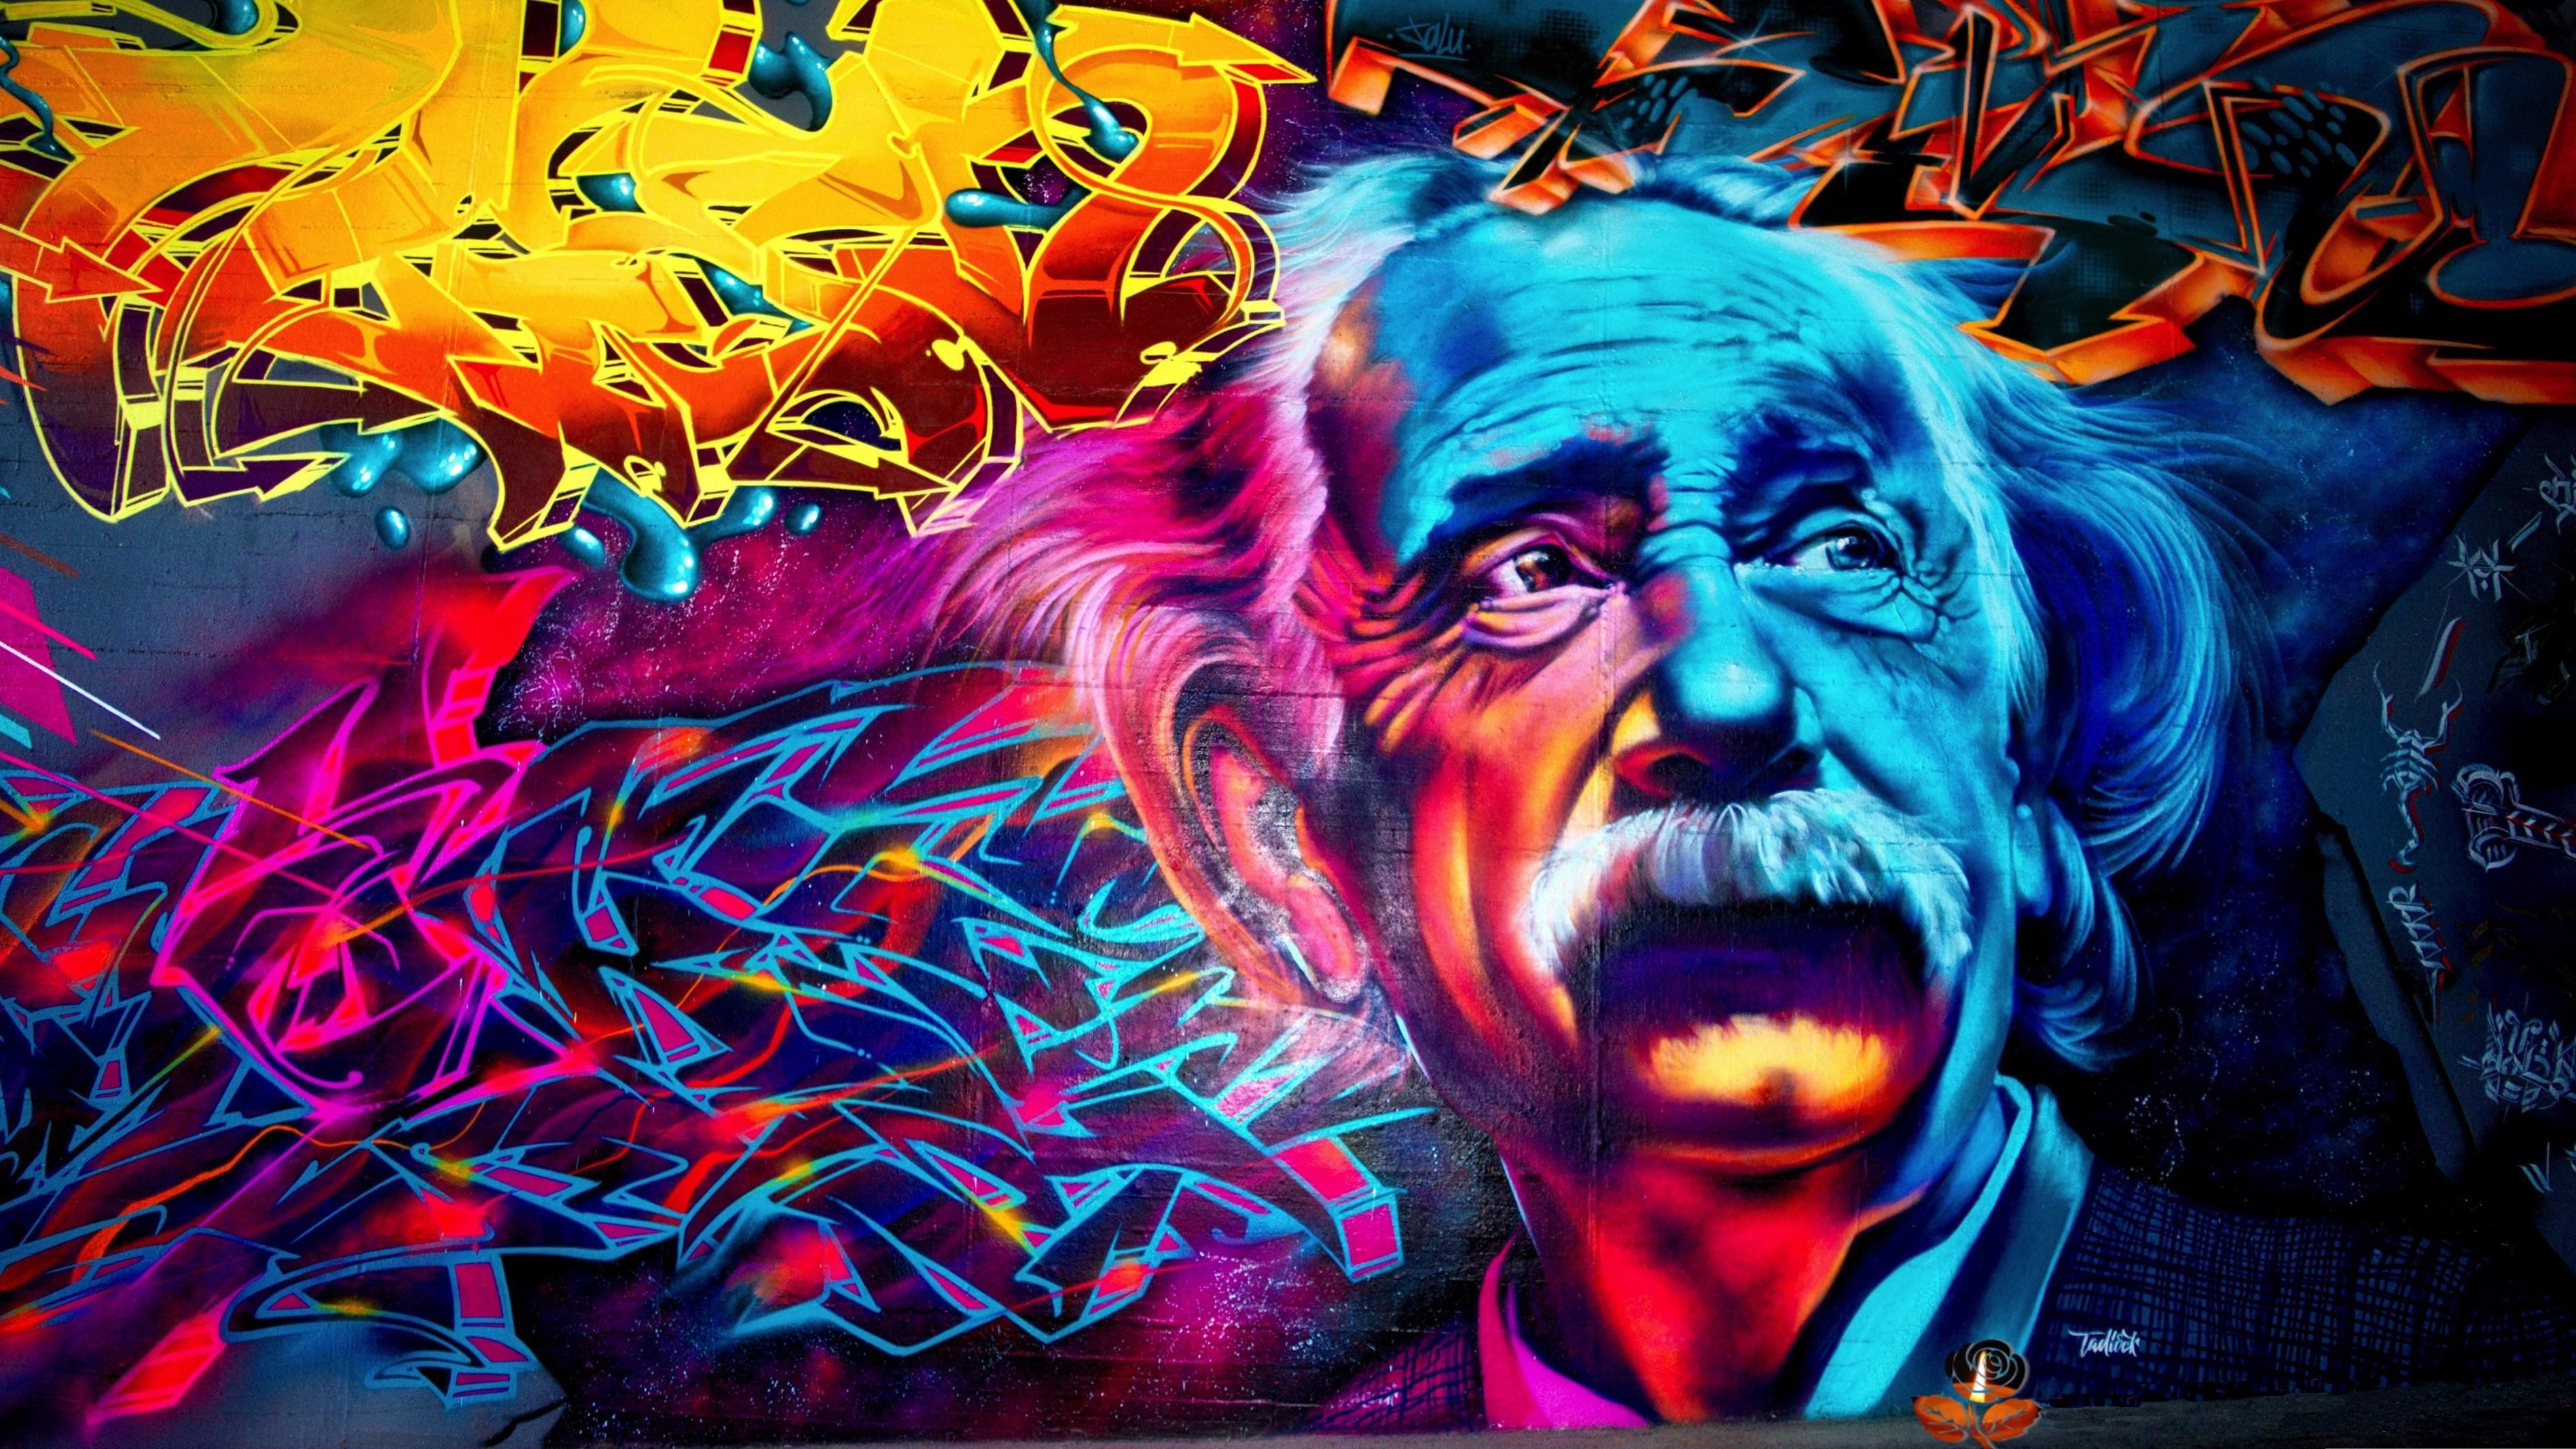 Skull Graffiti Wallpaper 4k